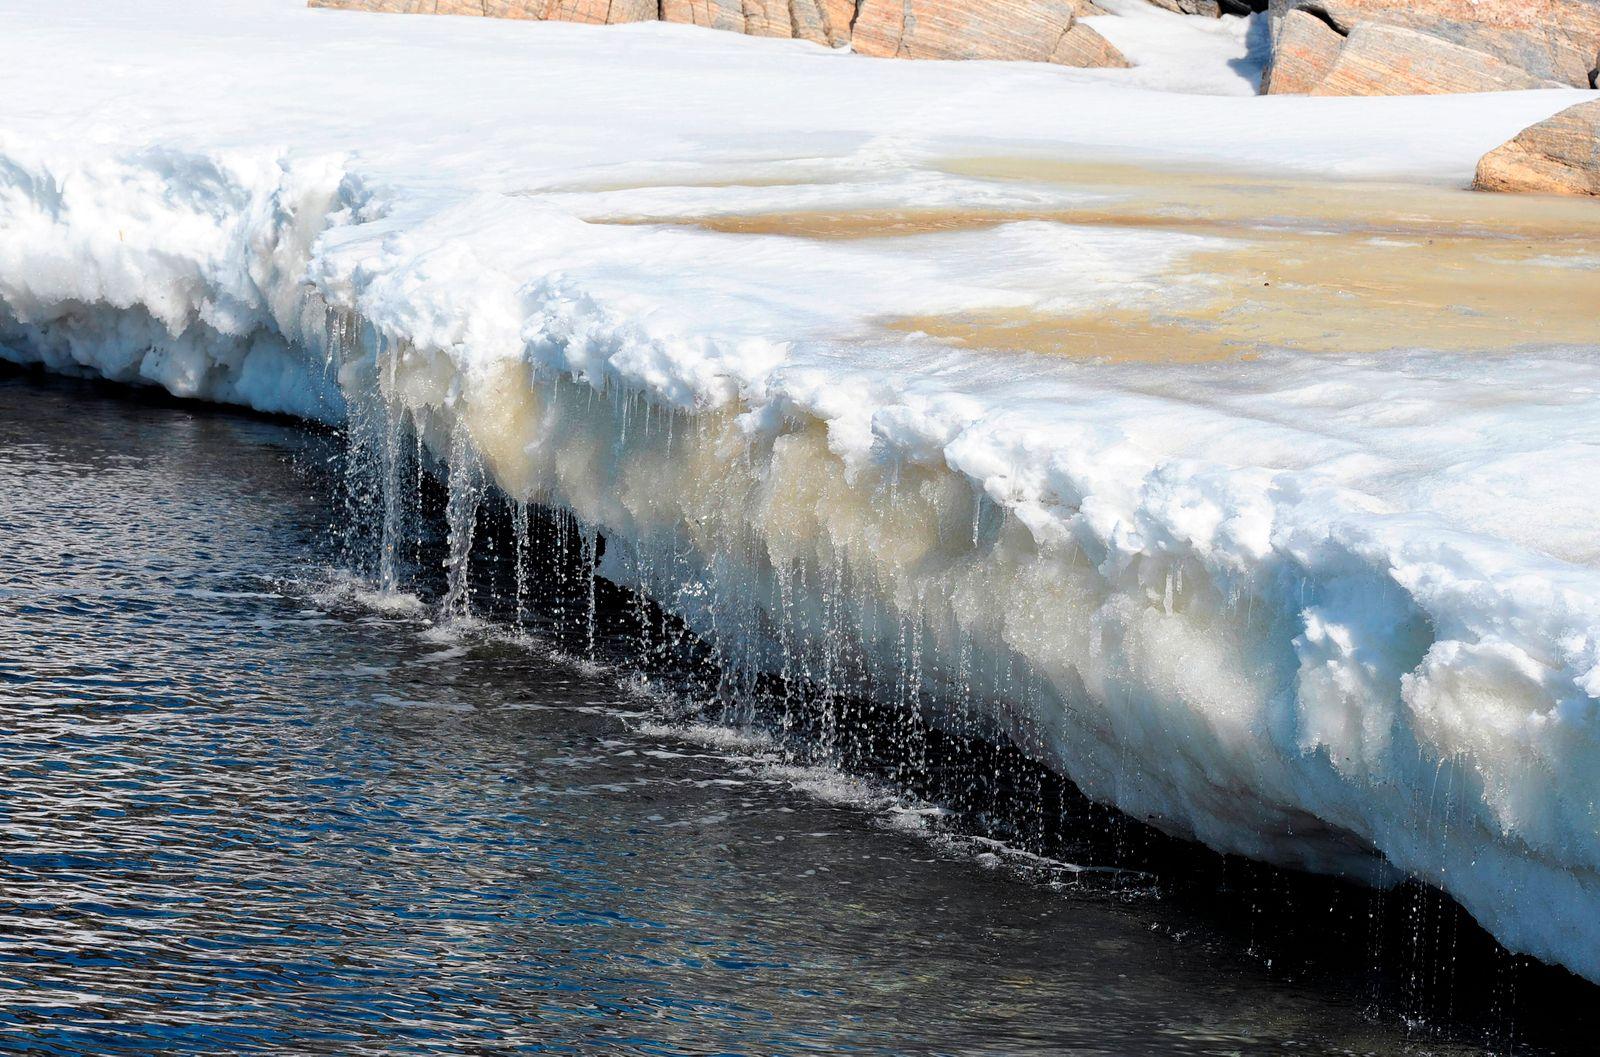 22 05 2013 Ilulissat Groenland Daenemark Schmelzwasser fliesst ins Meer QF europ?isch Gr?nl